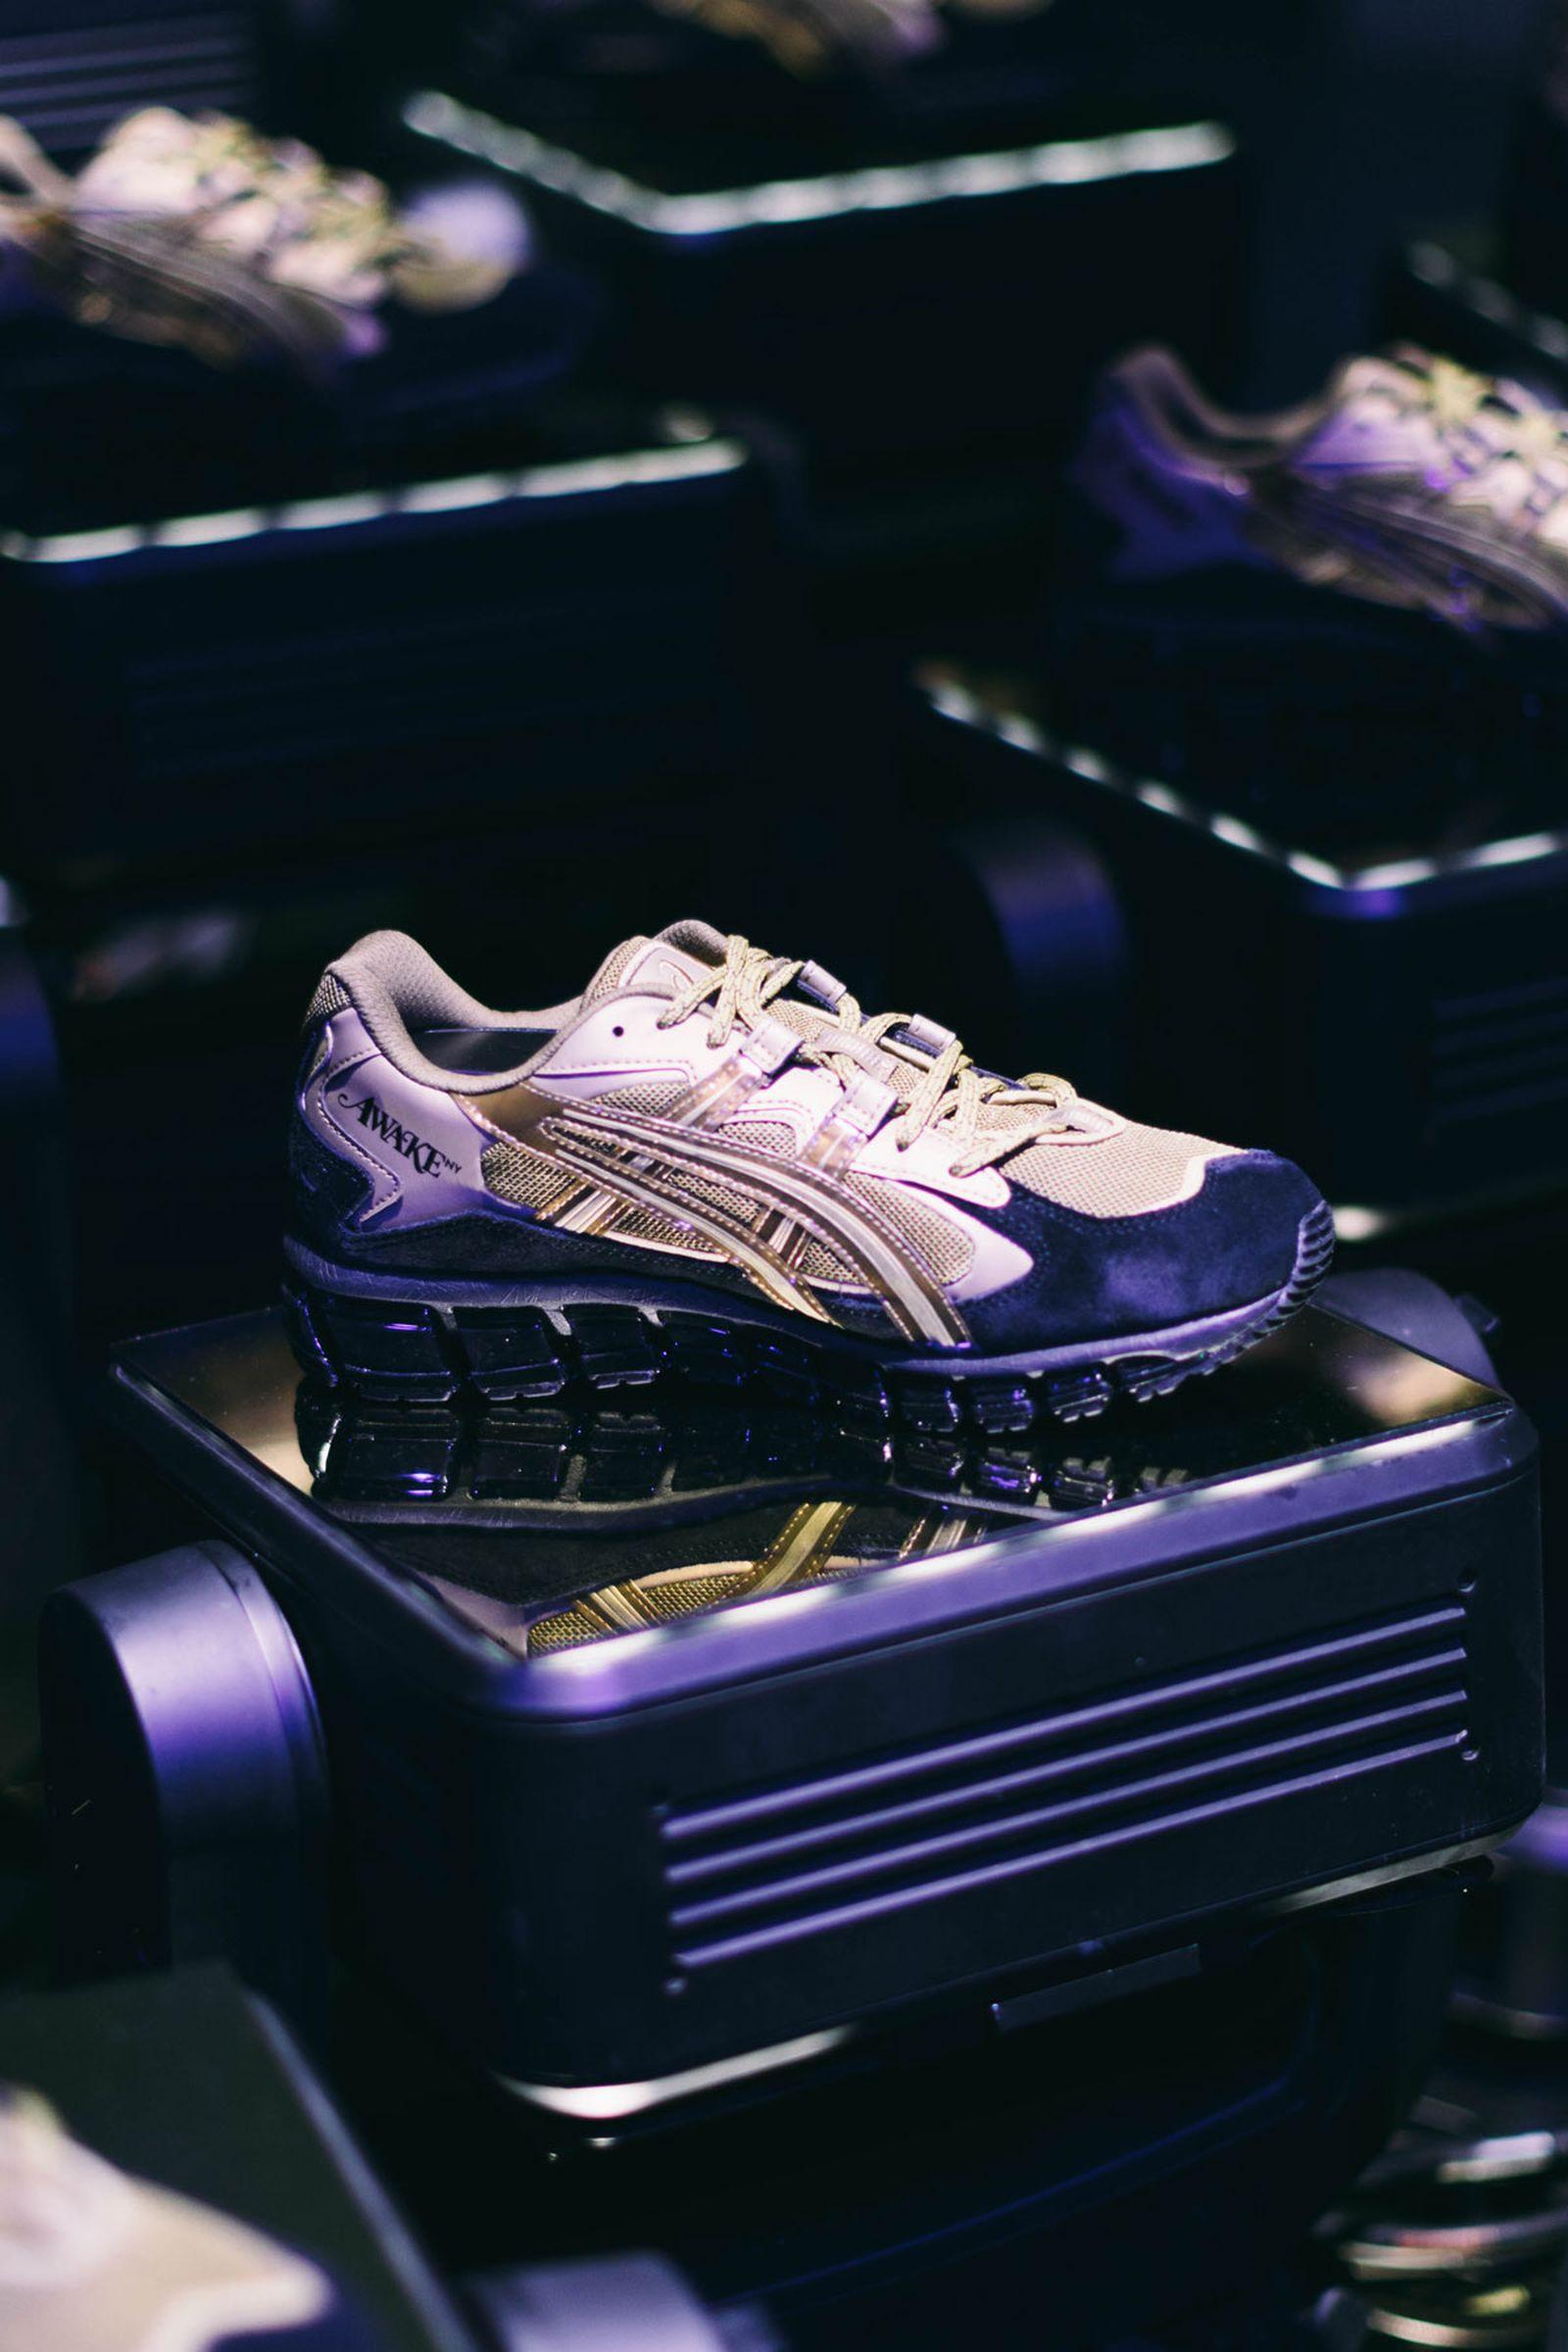 asics awake 2 Louis Vuitton Nike OAMC